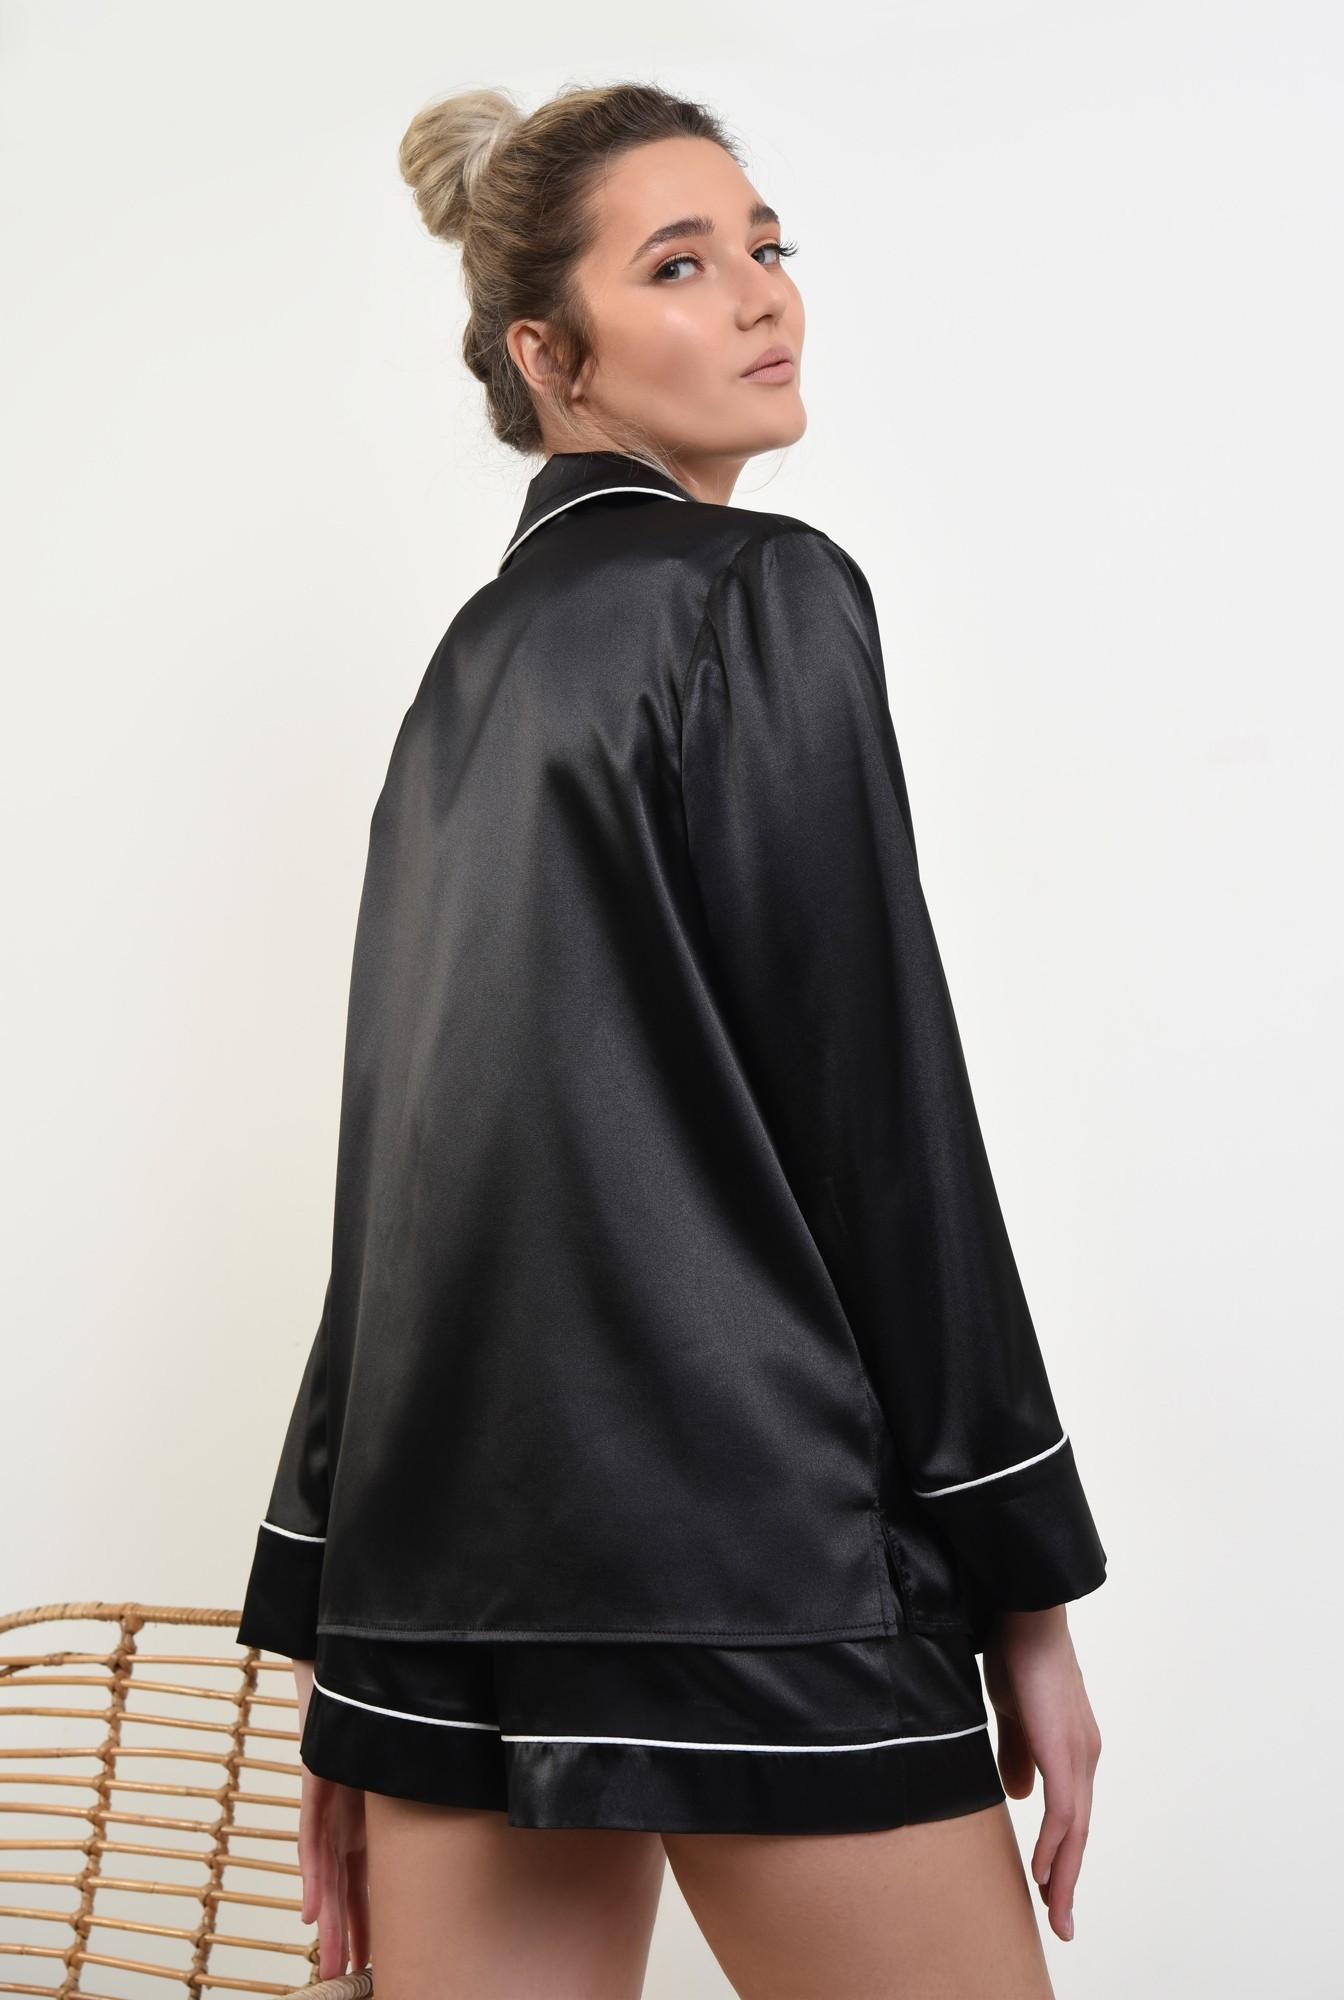 1 - camasa din satin, negru, cu nasturi, cu buzunar, cu borduri contrastante